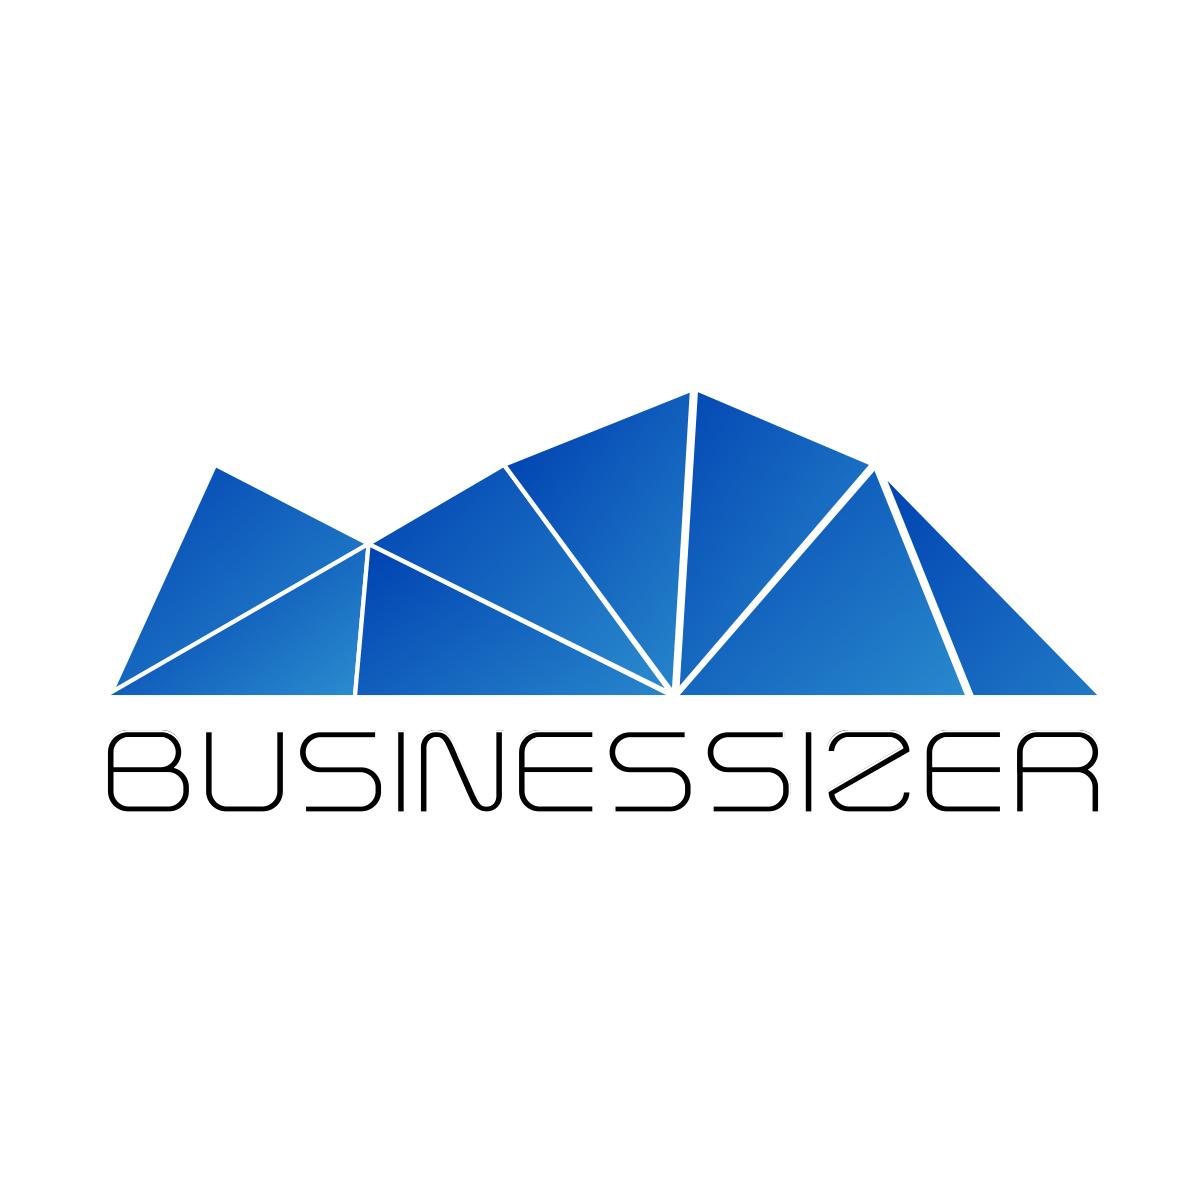 businessizer_logo_jpg.jpg